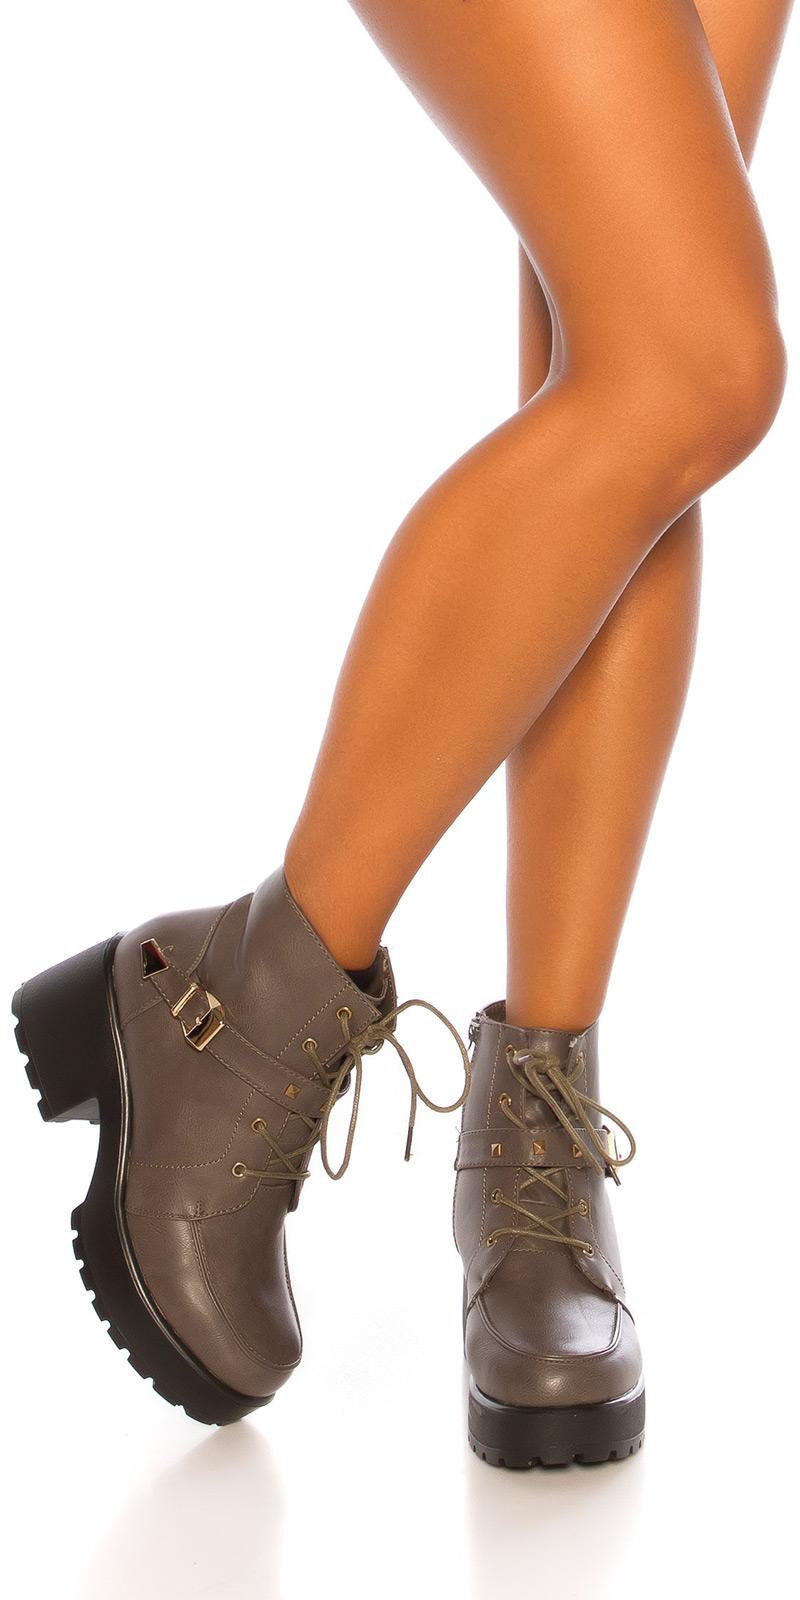 la moda plateau ankle boot cu catarama